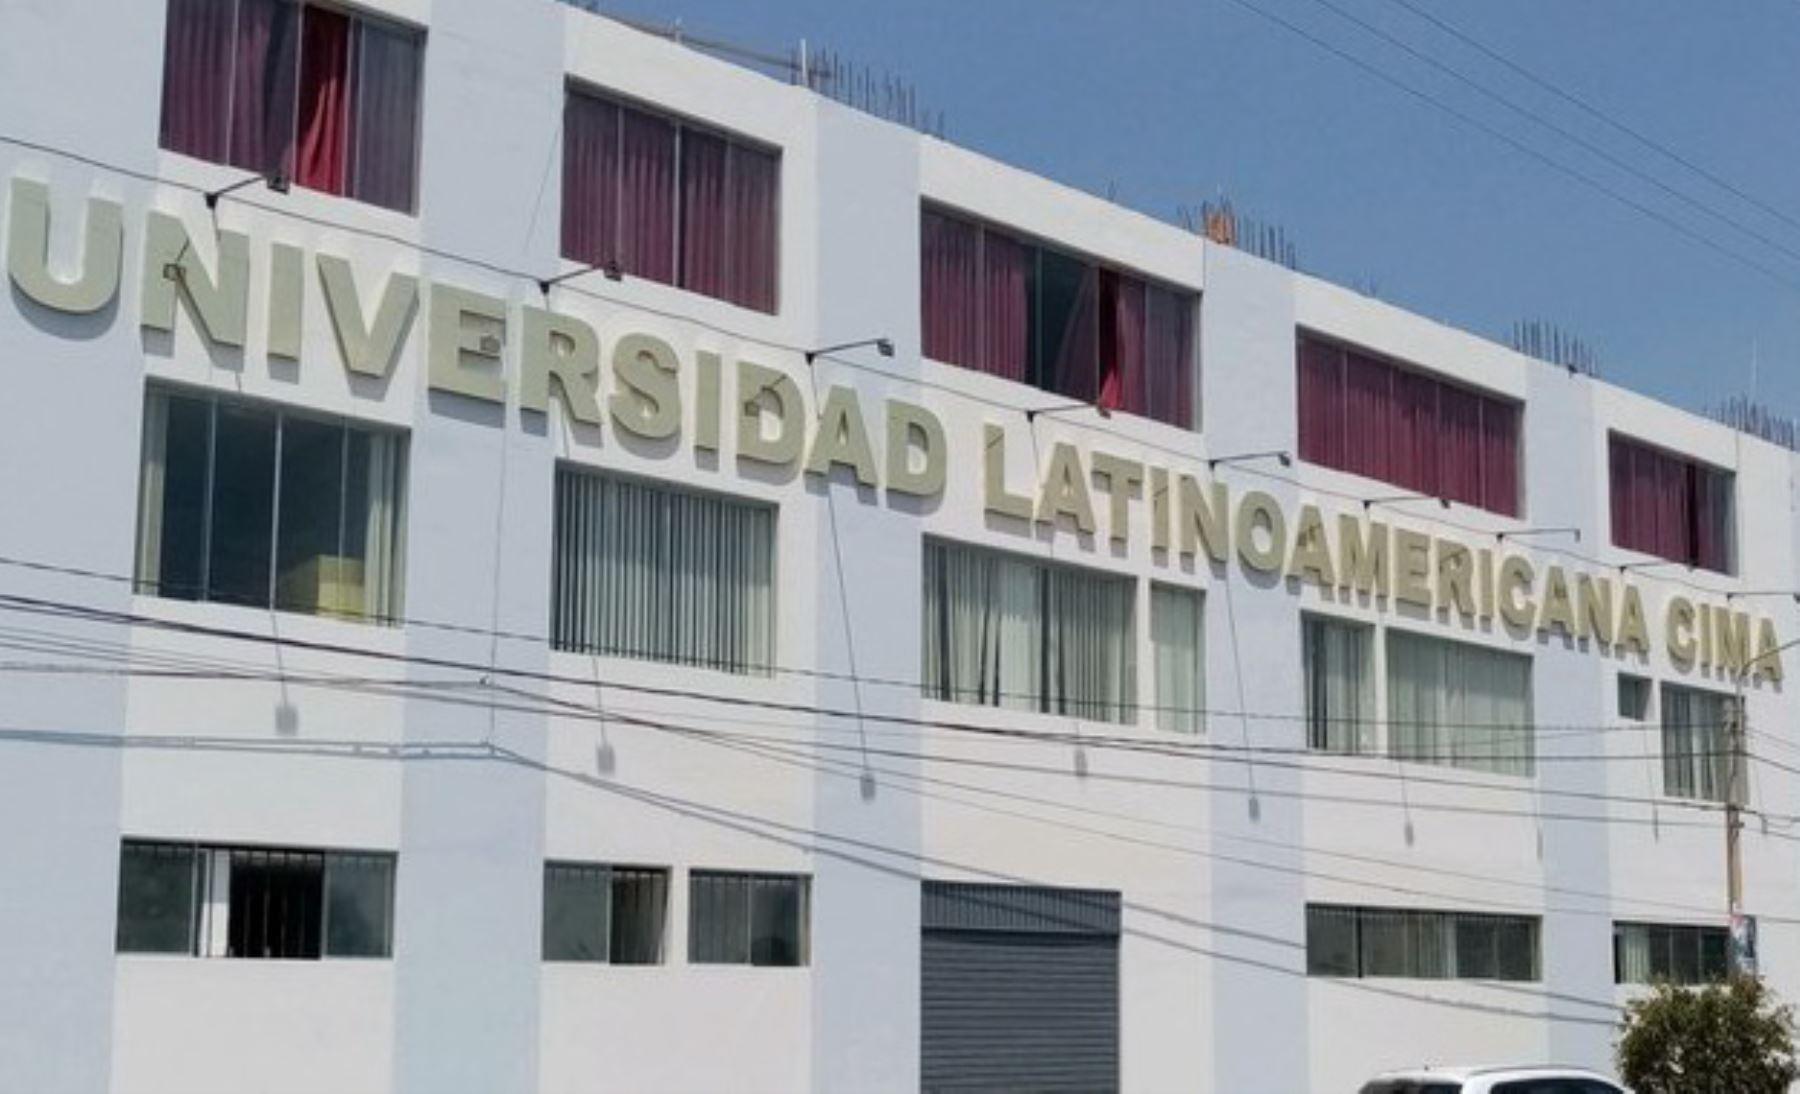 La Universidad Latinoamericana Cima S.A.C. dejará de ofrecer el servicio educativo superior universitario en el territorio nacional, dado que la Superintendencia Nacional de Educación Superior Universitaria (Sunedu) le denegó la licencia institucional.